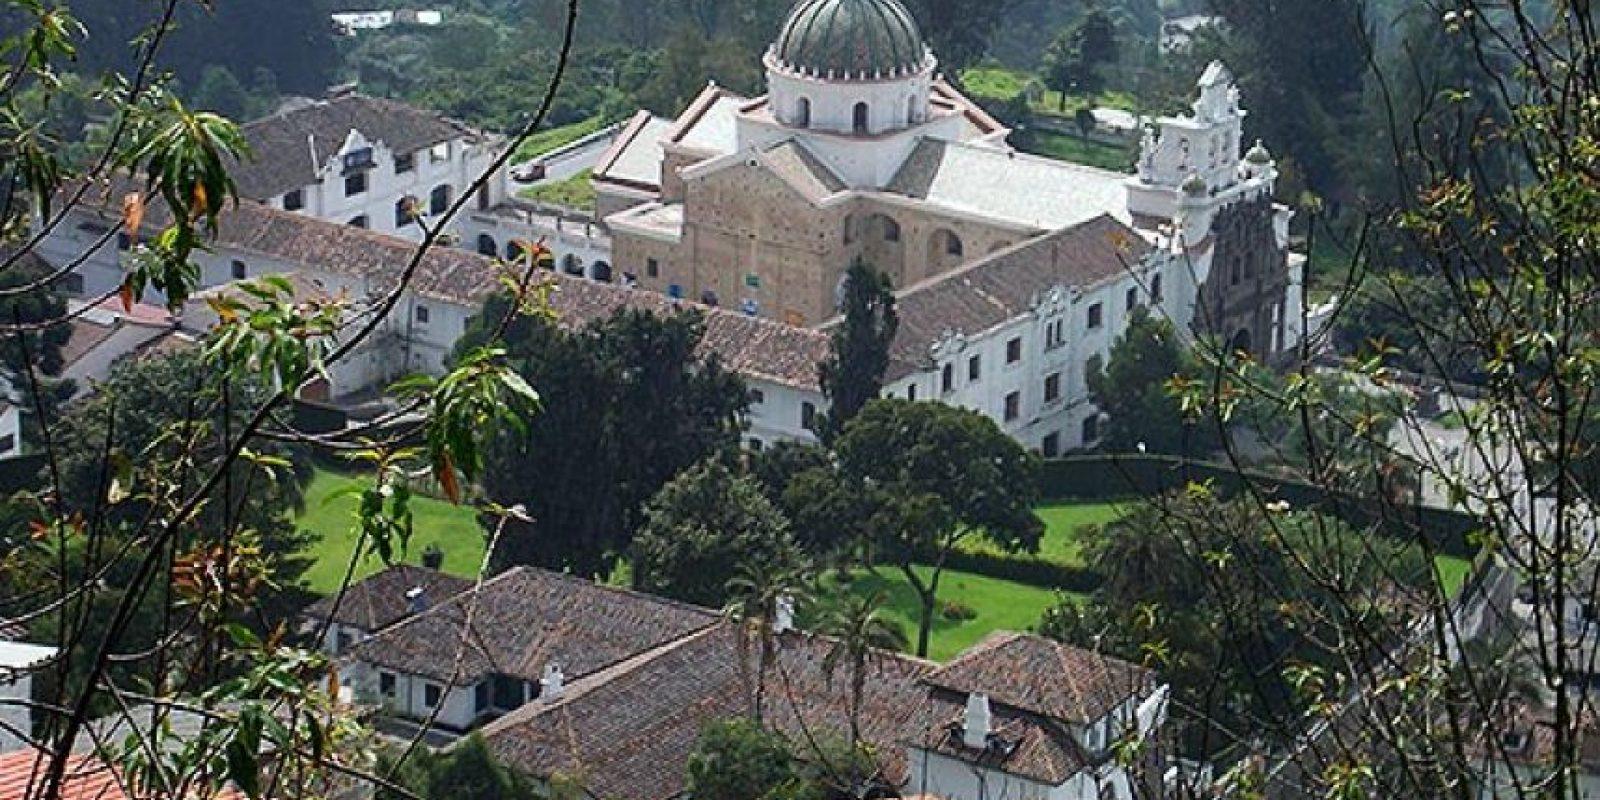 Las vistas pueden ser espectaculáres Foto:Vía quito.com.ec